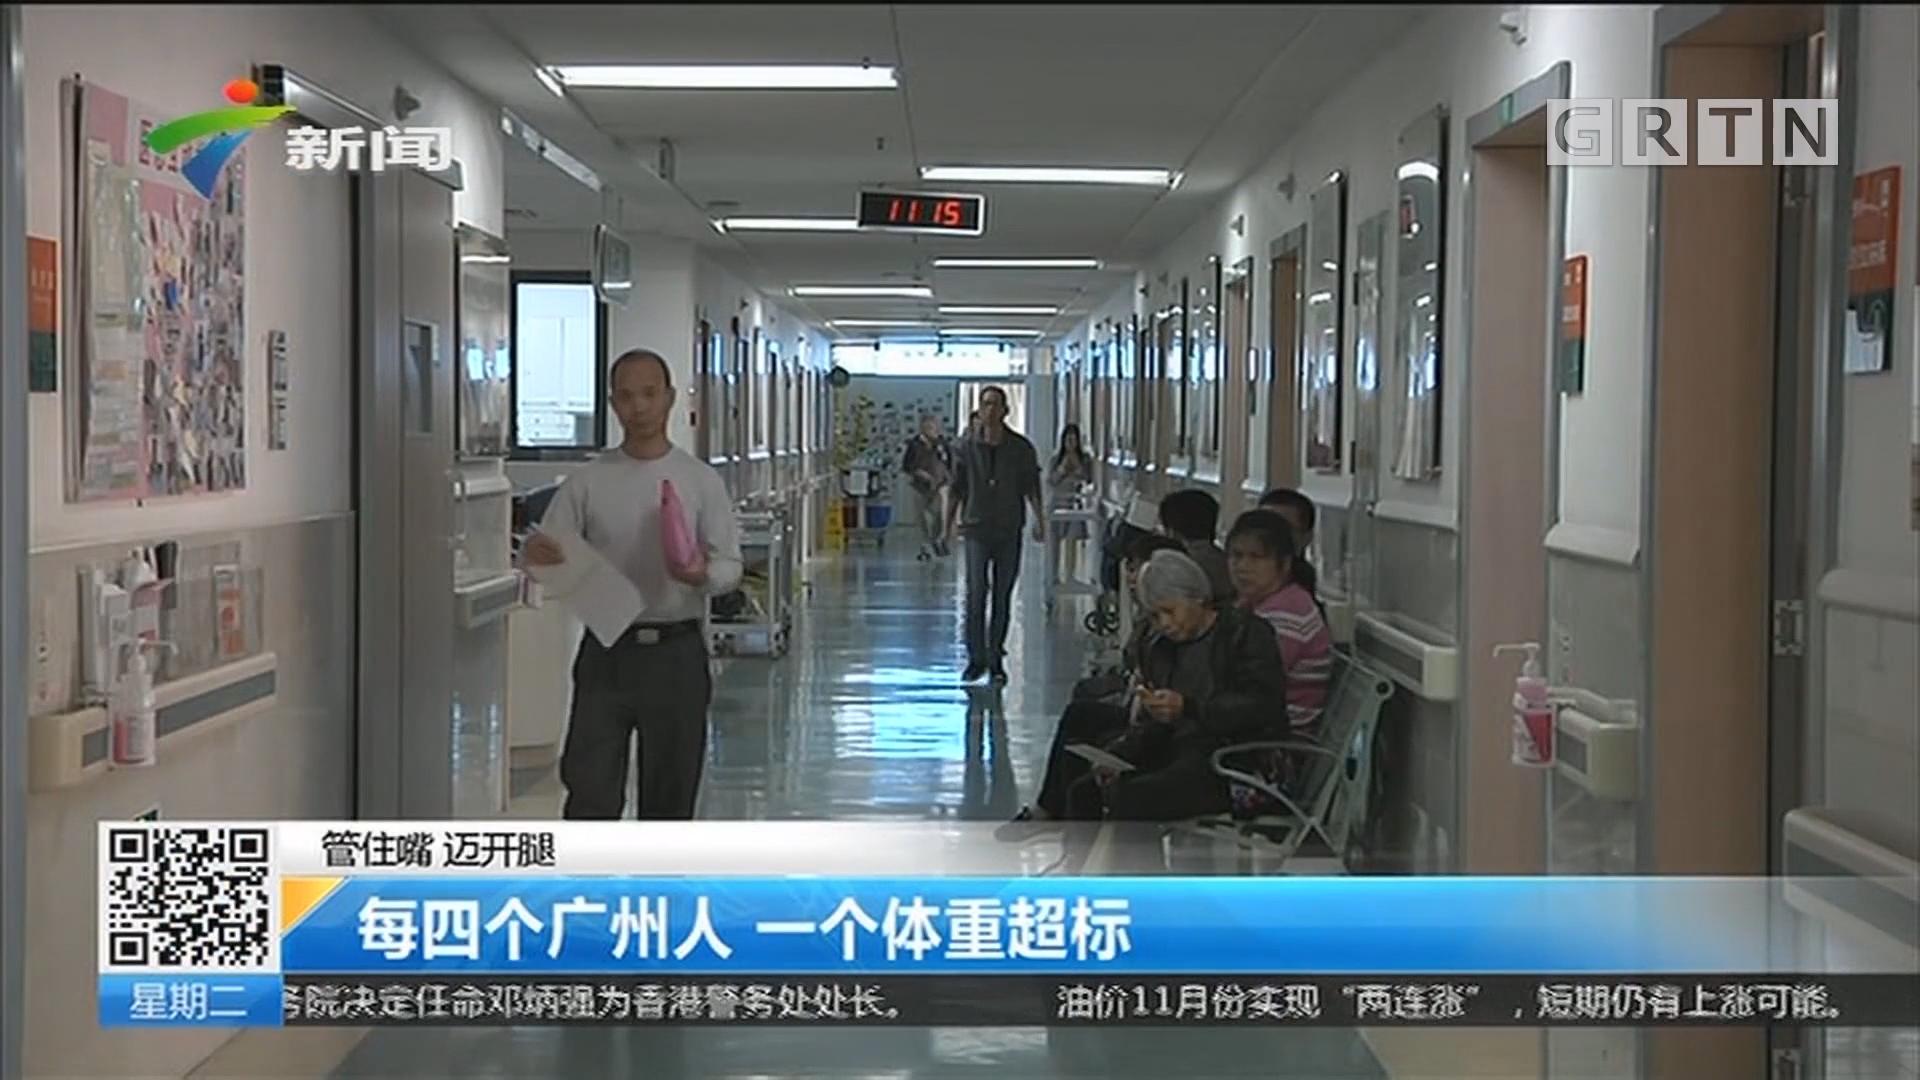 管住嘴 迈开腿 每四个广州人 一个体重超标